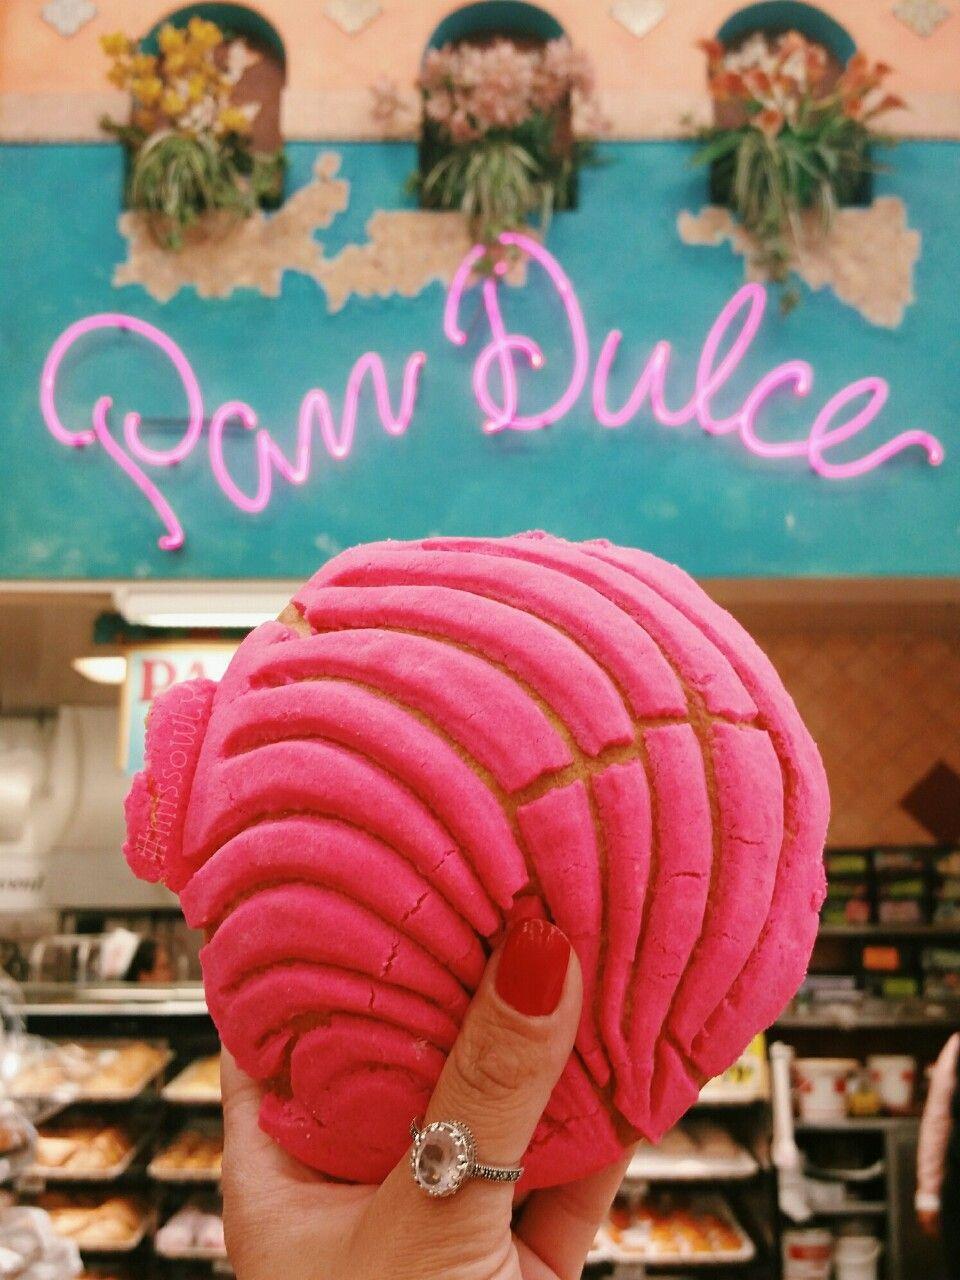 #tijuana #conchas #rosado #marron #comida #blanco #concha #puede #mxico #comer #bien #este #muy #una #esEste es una comida comer, conchas.  Este concha es de Tijuana, México. La concha es muy bien. La concha puede blanco, marron y Rosado.